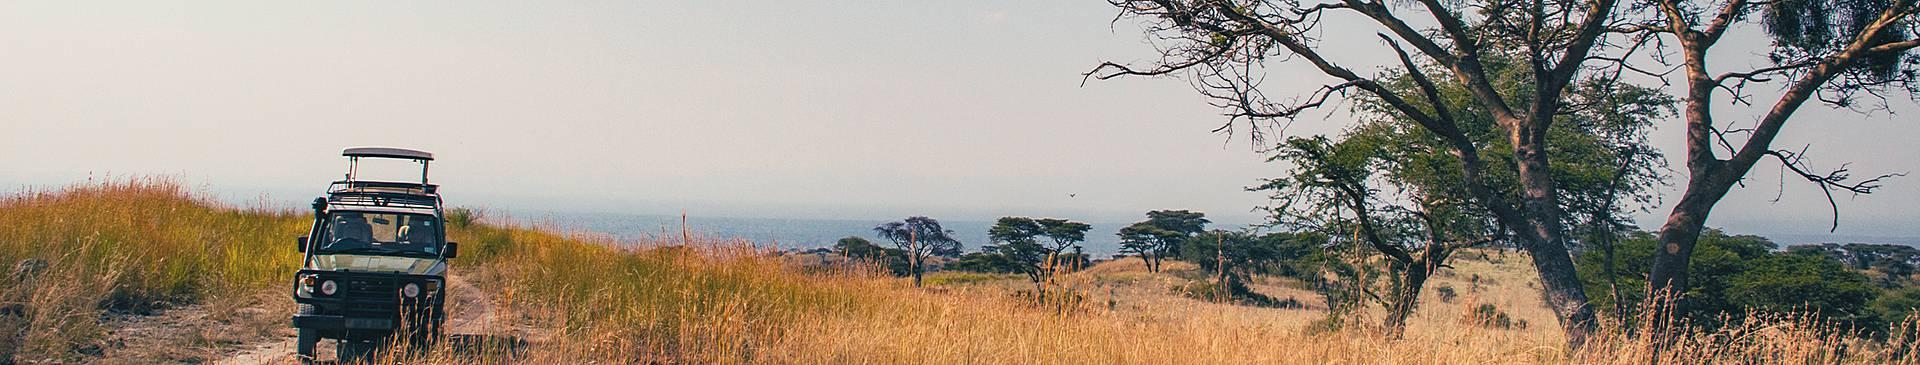 Viajes a Uganda en verano